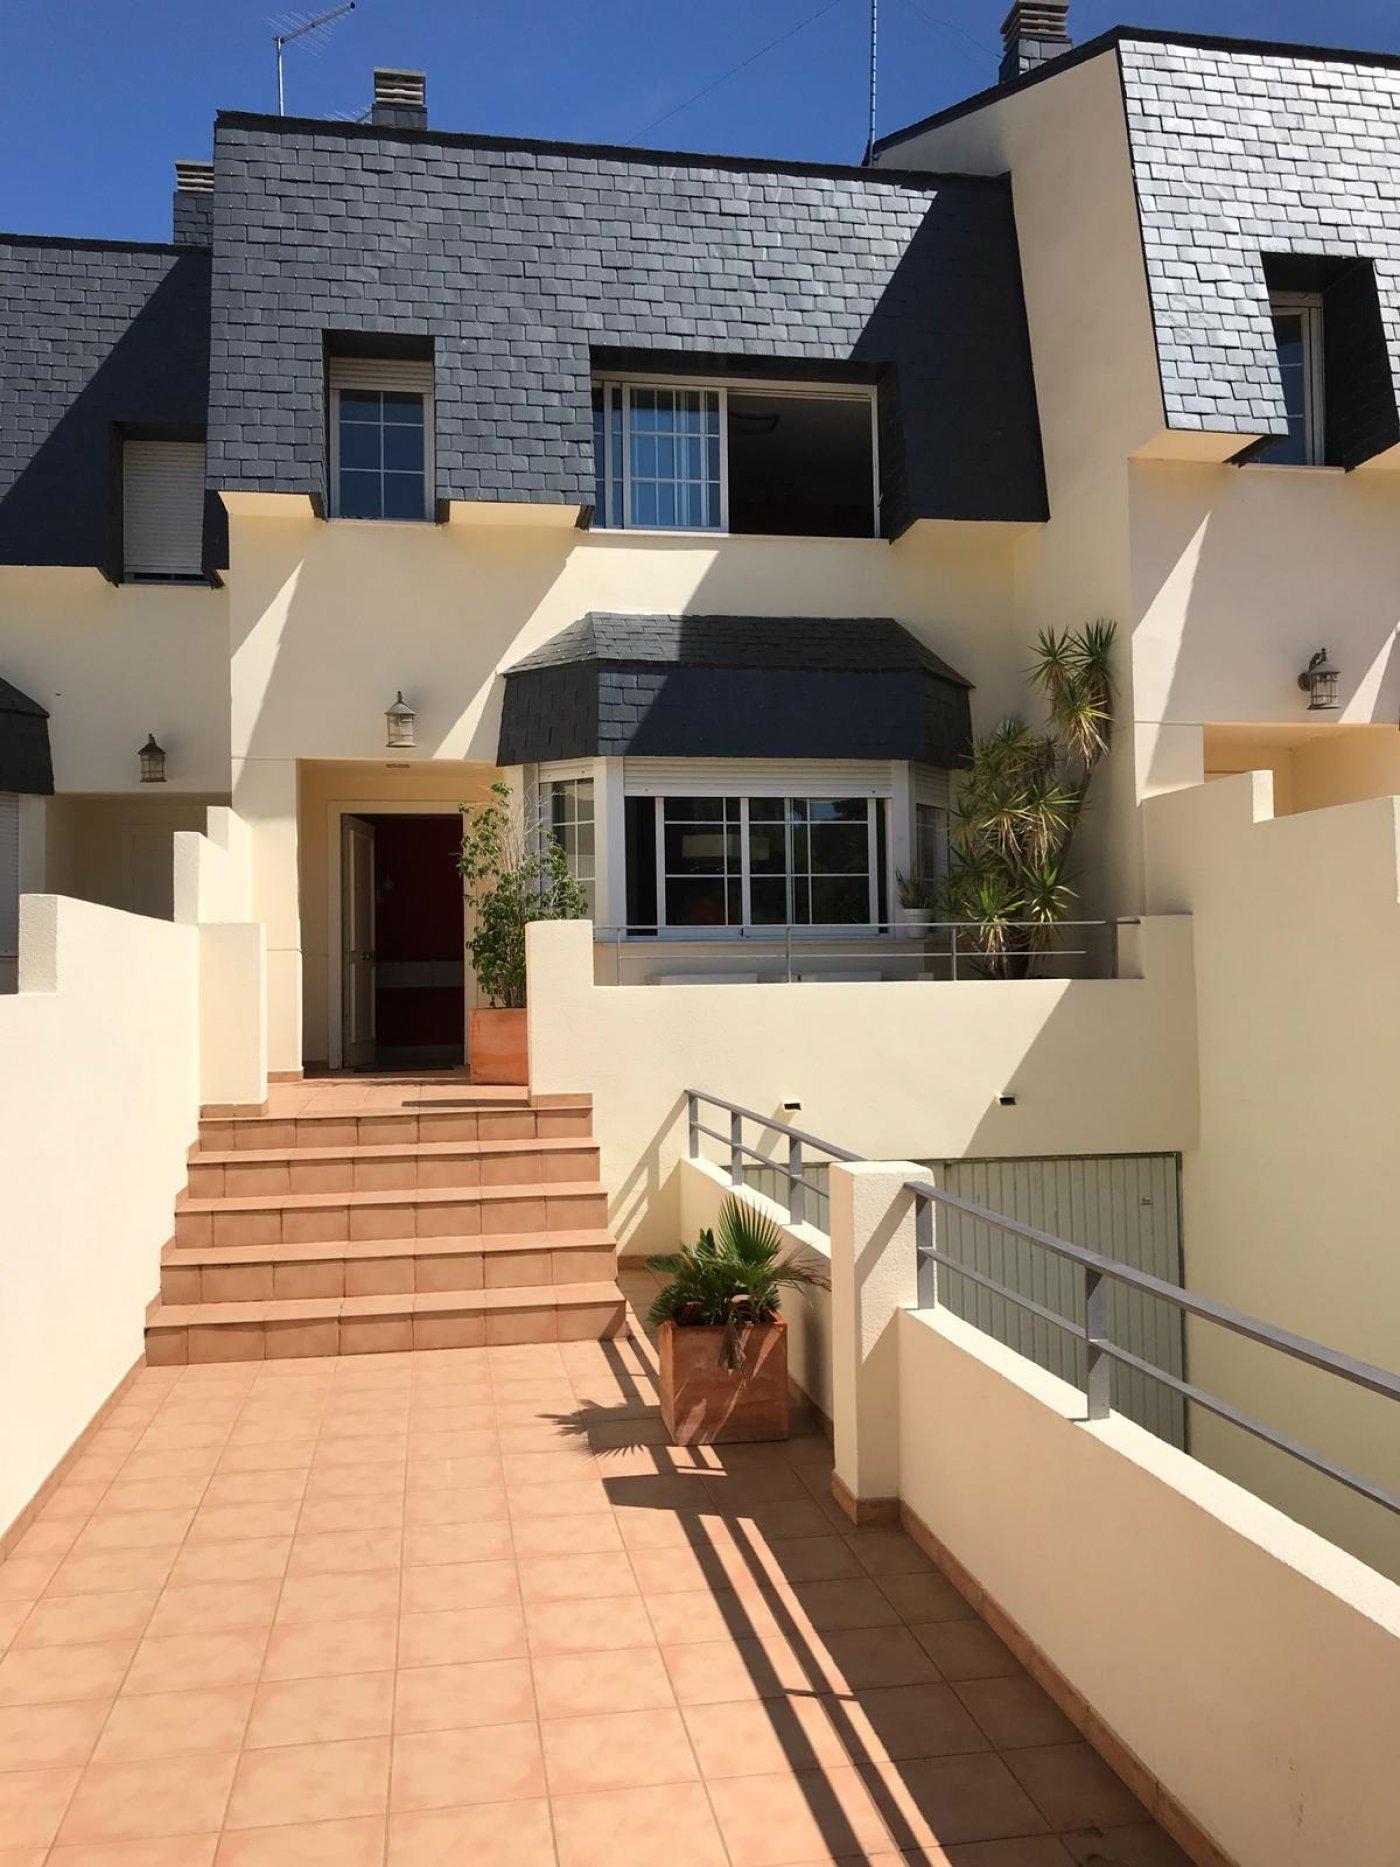 Location Maison  Rocafort ,rocafort. Chalet adosado en la zona residencial de rocafort